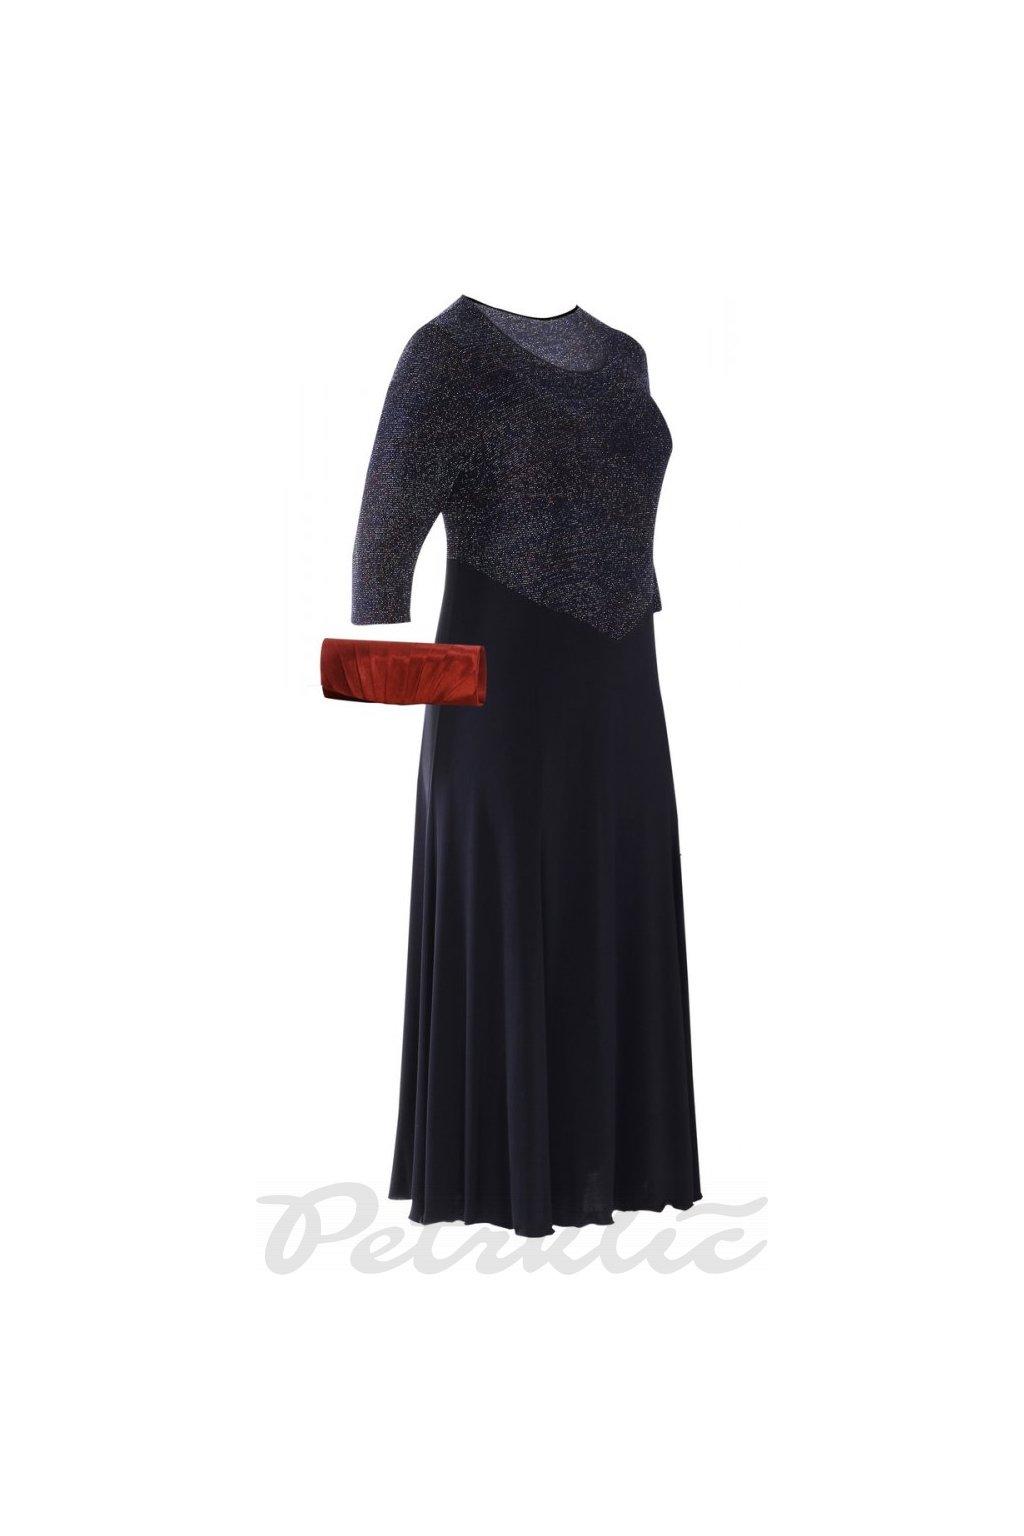 VALENCIE šaty 110 - 115 cm